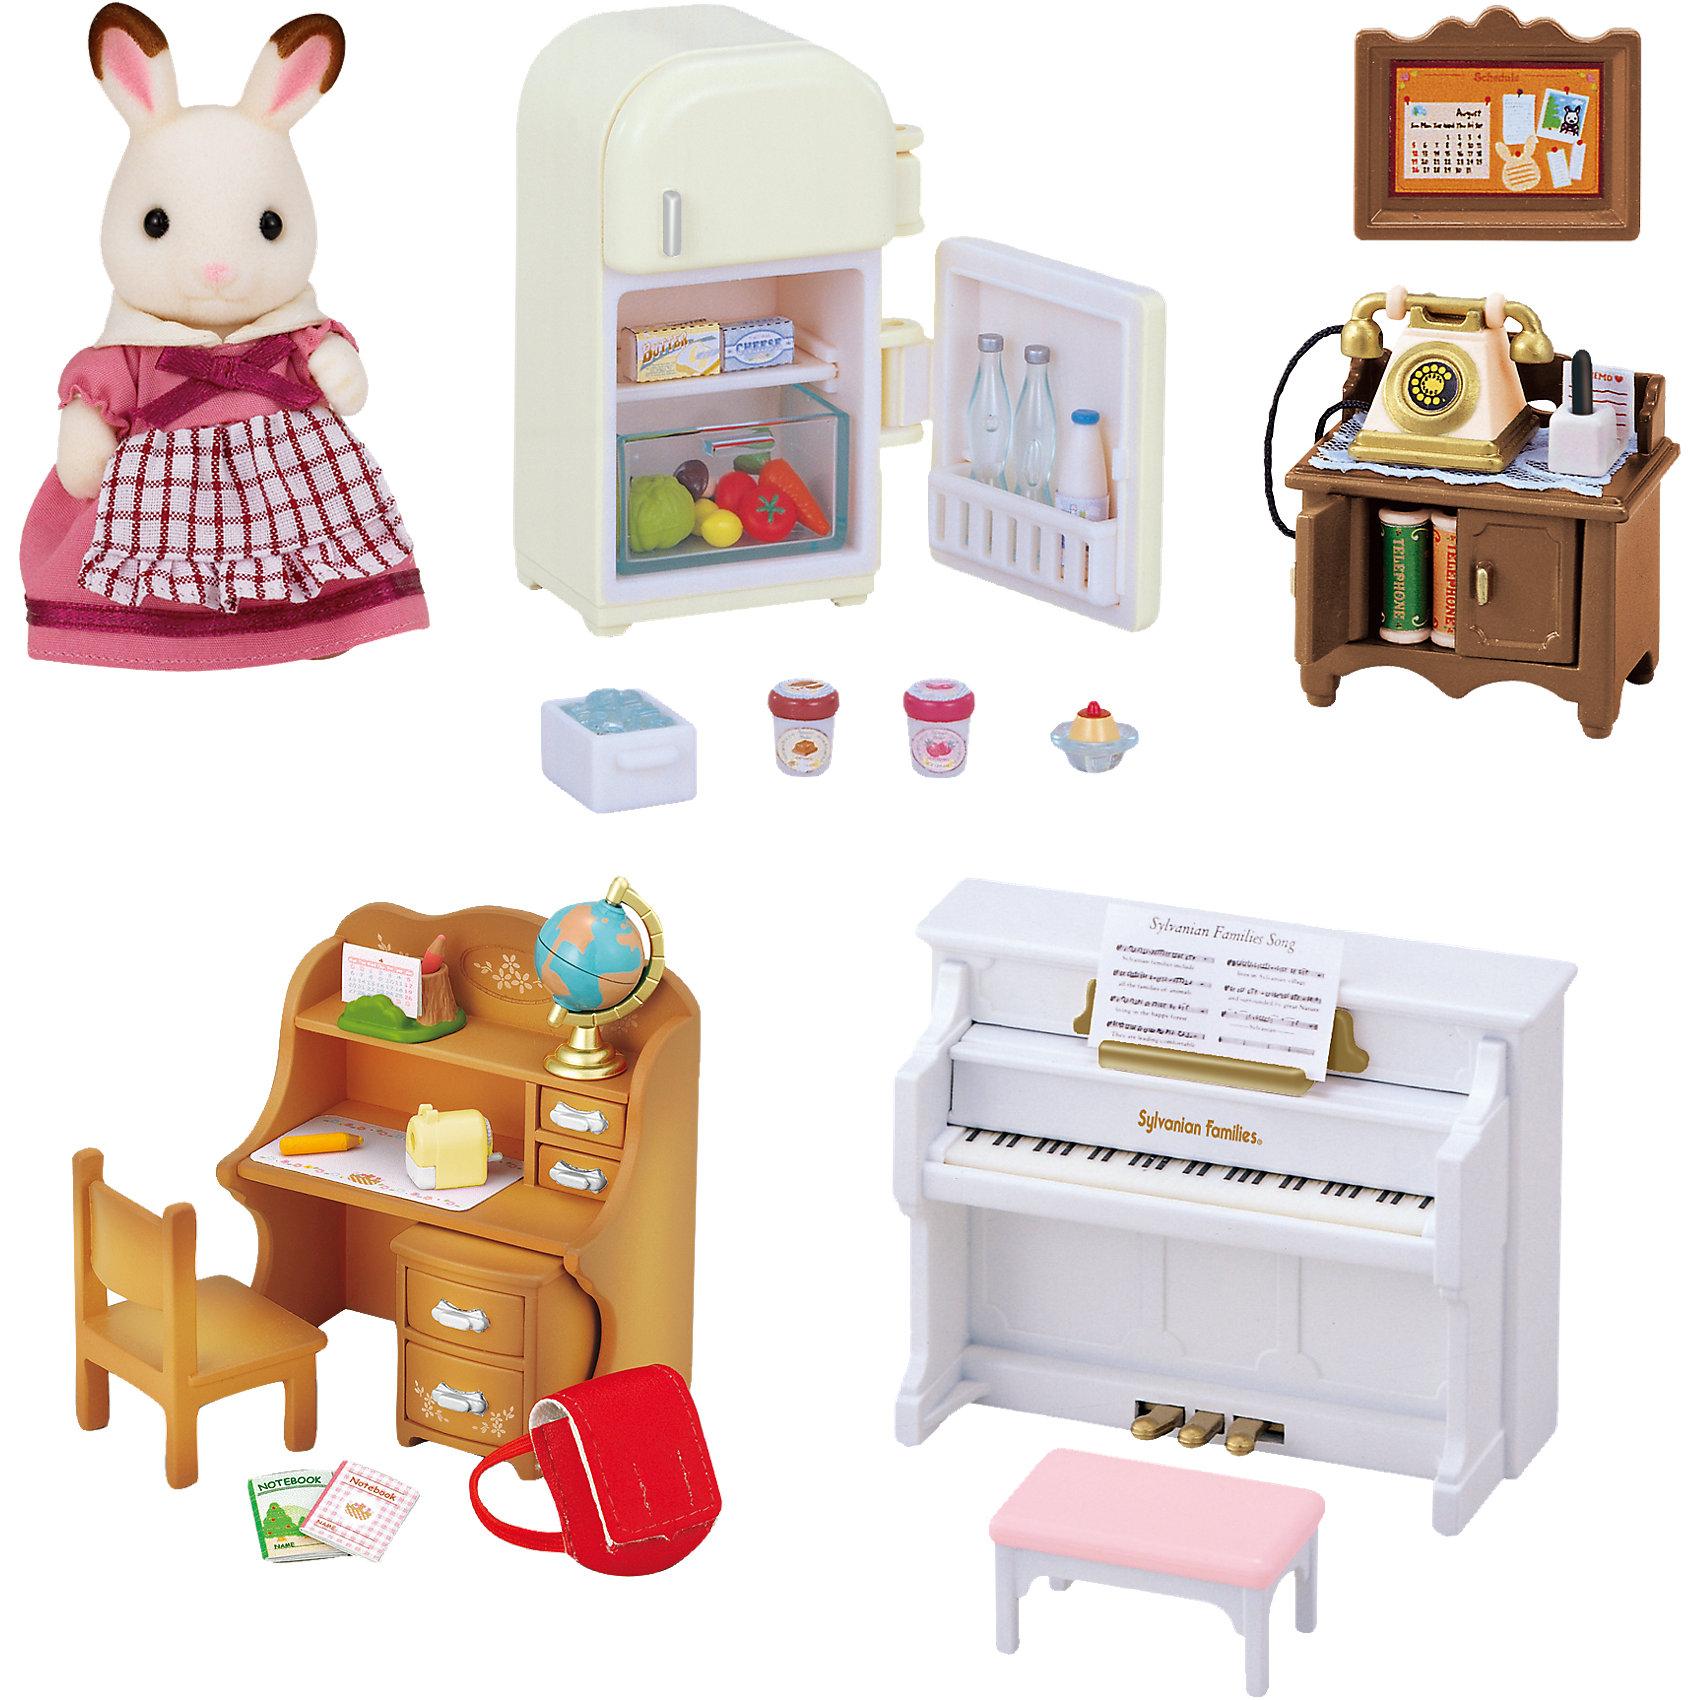 - Набор Мебель для дома Марии, Sylvanian Families набор мебель для дома марии sylvanian families